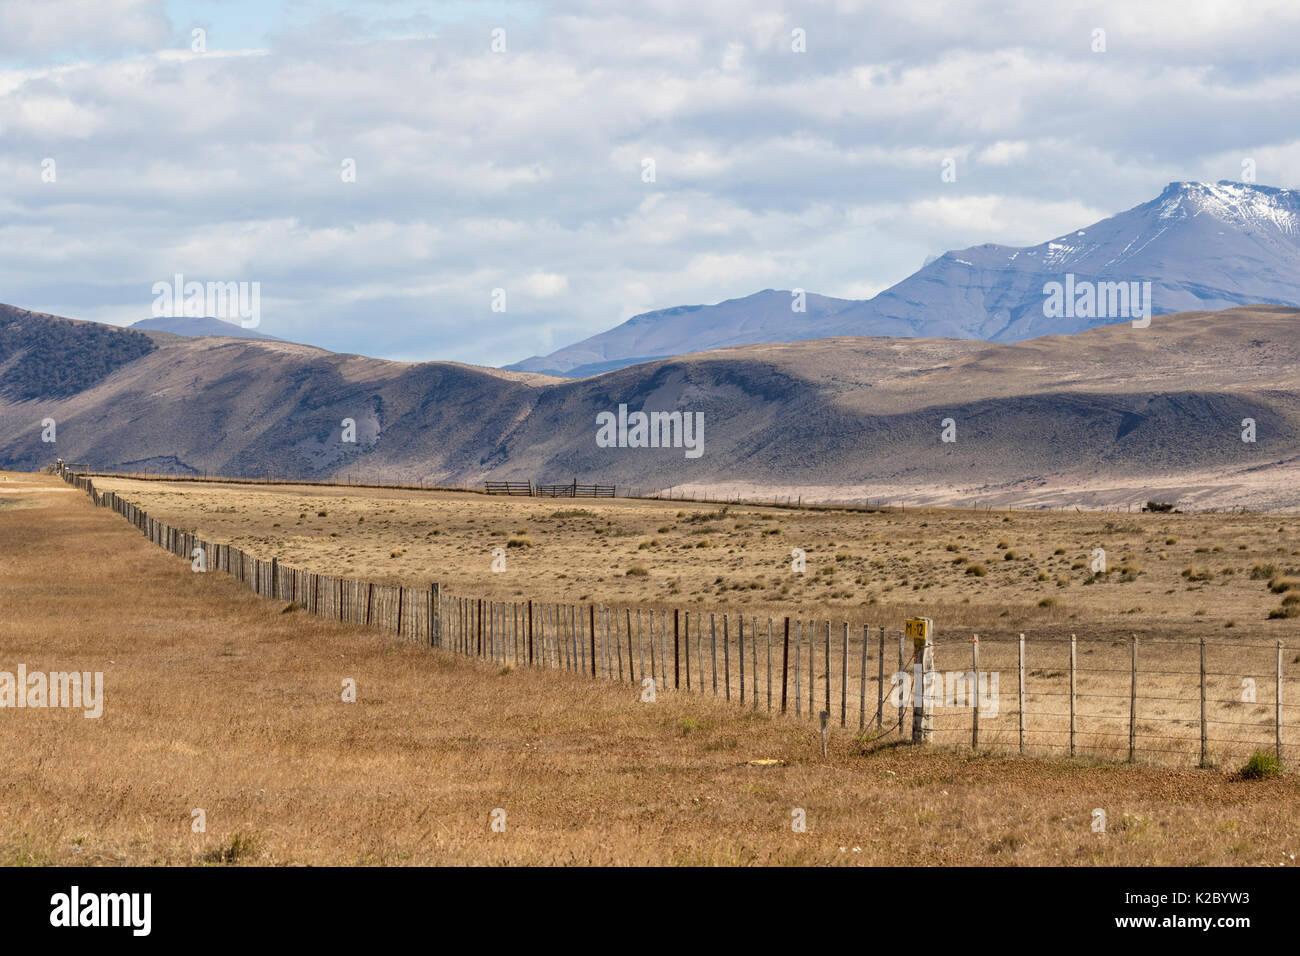 Estancia landscape with fence post, near Cerro Castillo, Patagonia, Chile, March 2015. - Stock Image